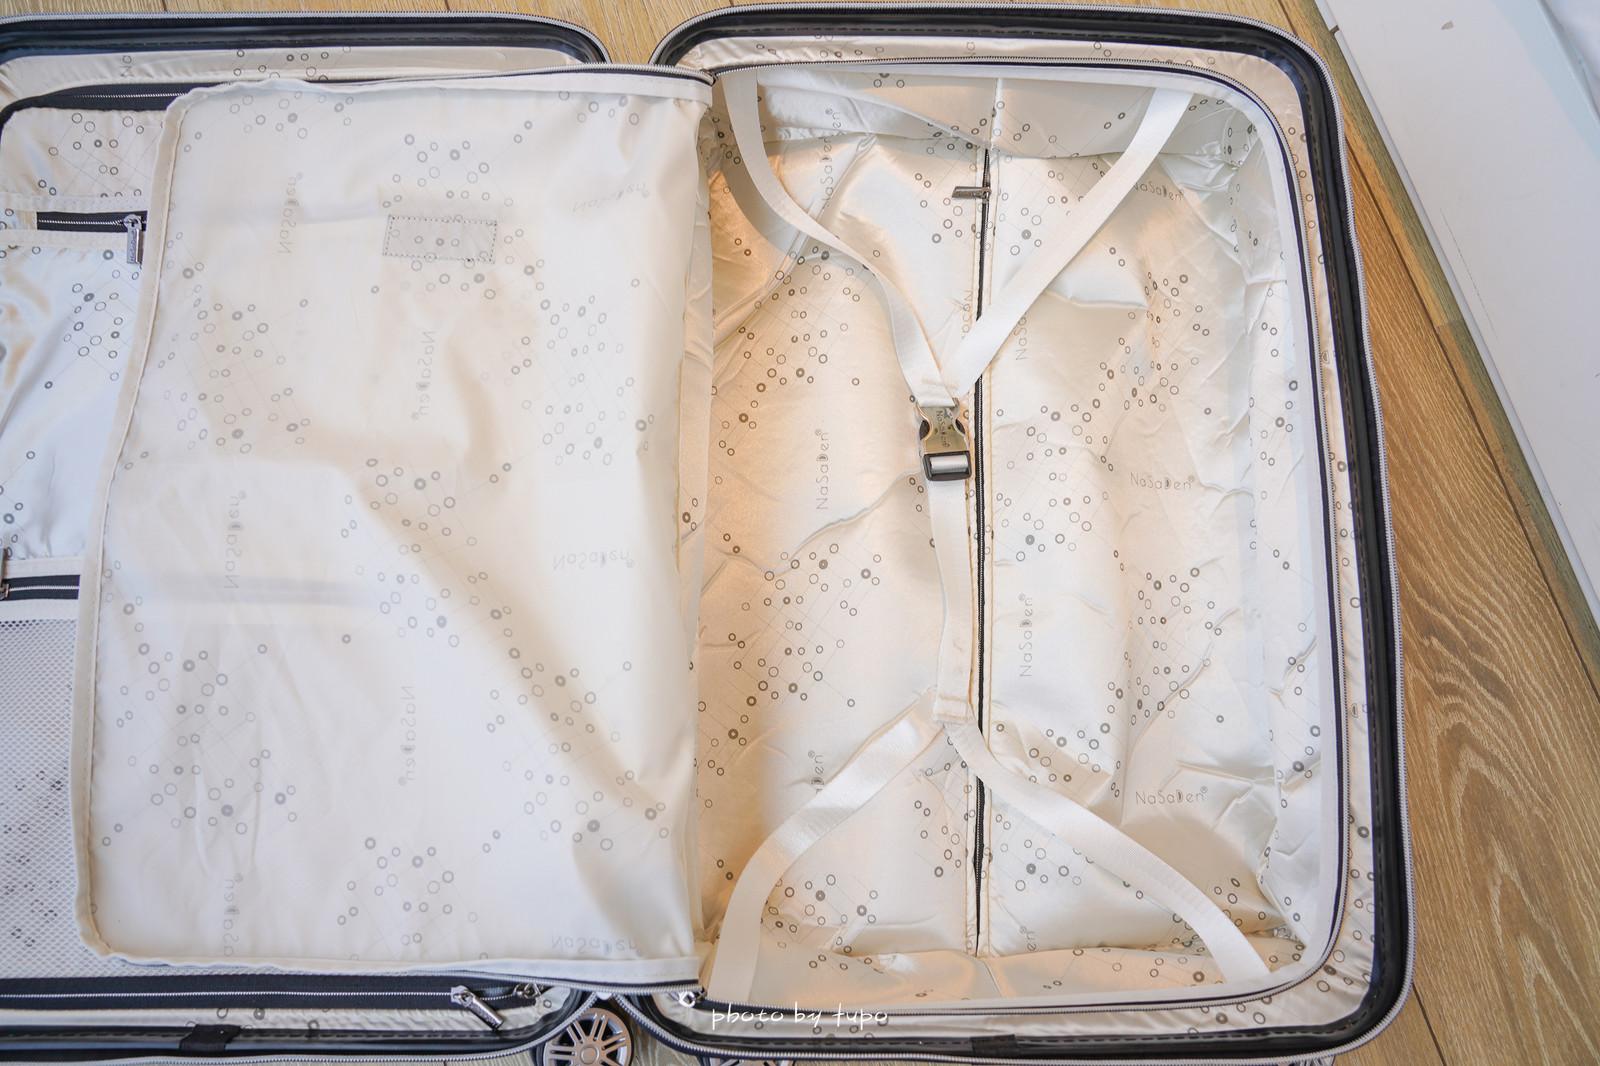 行走的藝術品》網美必備NaSaDen納莎登行李箱-Charlene祕密花園限量聯名款,26吋空箱3.8kg,360度超靜音萬向輪,隱藏式防水內袋,好推不卡卡!